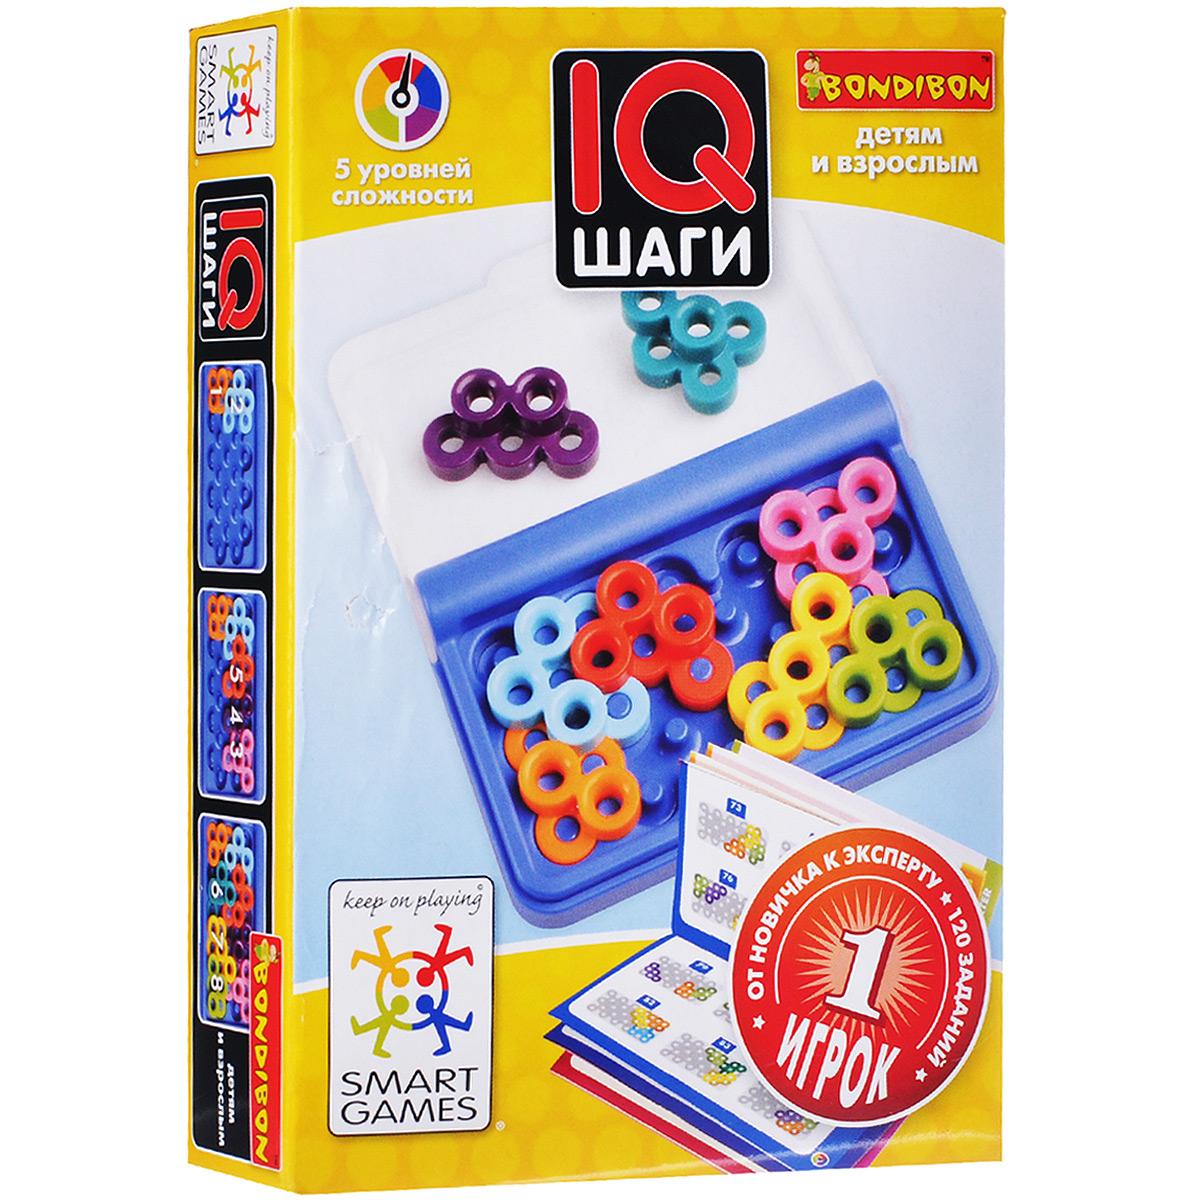 Логическая игра Bondibon Smartgames IQ-ШагиВВ1055Захватывающая карманная головоломка, которую удобно брать в дорогу. Правда ли, что странные композиции, составленные из разноцветных колечек головоломки в пластмассовой коробочке IQ-Шаги, могут изменить жизнь? Эксперименты показывают, что любой человек может развить свою гениальность путем умственных упражнений, и логические игры - лучшая помощь в этом деле. Игра с виду может показаться очень простой, но стоит открыть задание и попытаться заполнить игровое поле причудливыми деталями, то сразу включается логическое и пространственное мышление. Маленькая коробочка с игрой содержит 8 деталей и имеет 120 заданий разных уровней сложности. Если в вашем кармане или сумочке лежит такая игра, то вы всегда сможете поддерживать свой интеллектуальный тонус. Развивайте свой ум и реакцию, становитесь счастливее и уверенней в себе, решая интересные логические задачи! Игра имеет 5 уровней сложности. С ее помощью можно развить логическое мышление и познавательные способности, социальное развитие,...